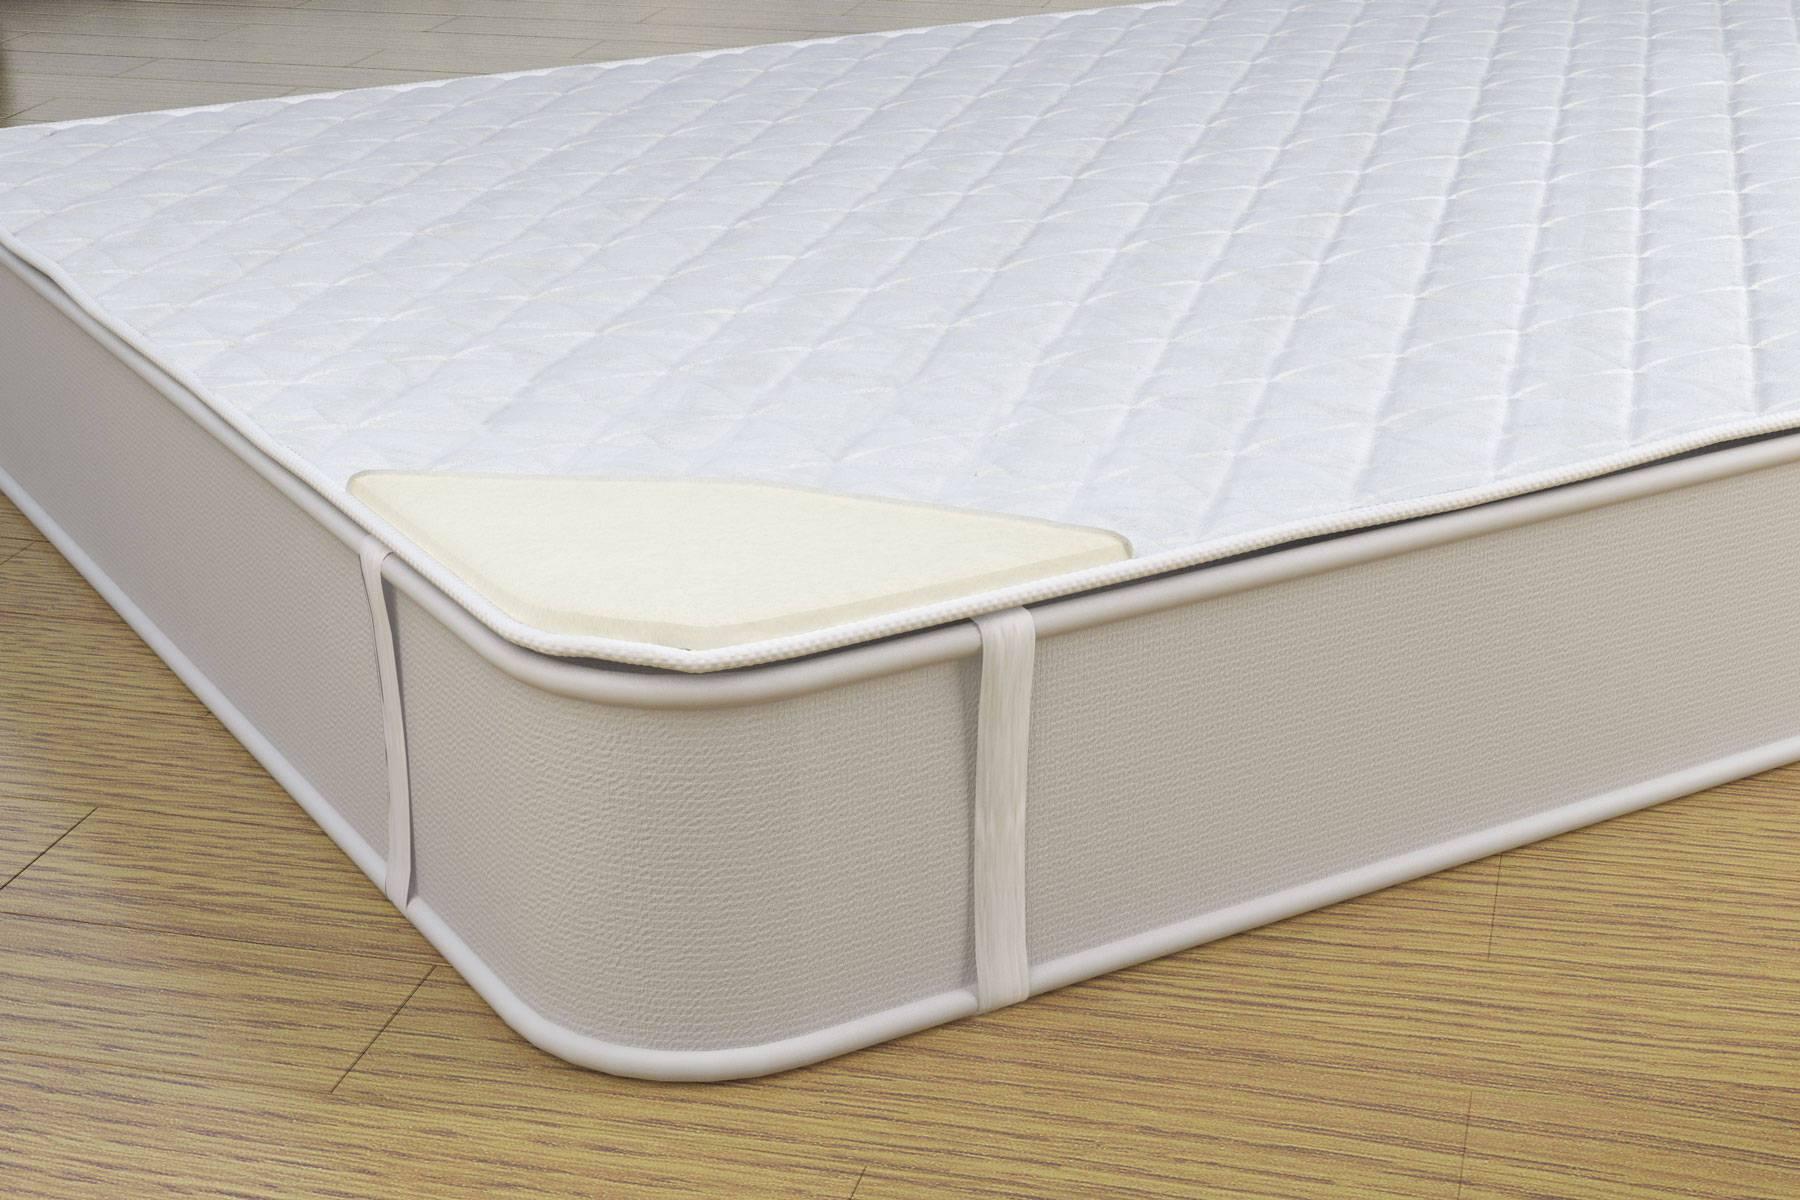 диваны со спальным местом 160х200 в ярославле